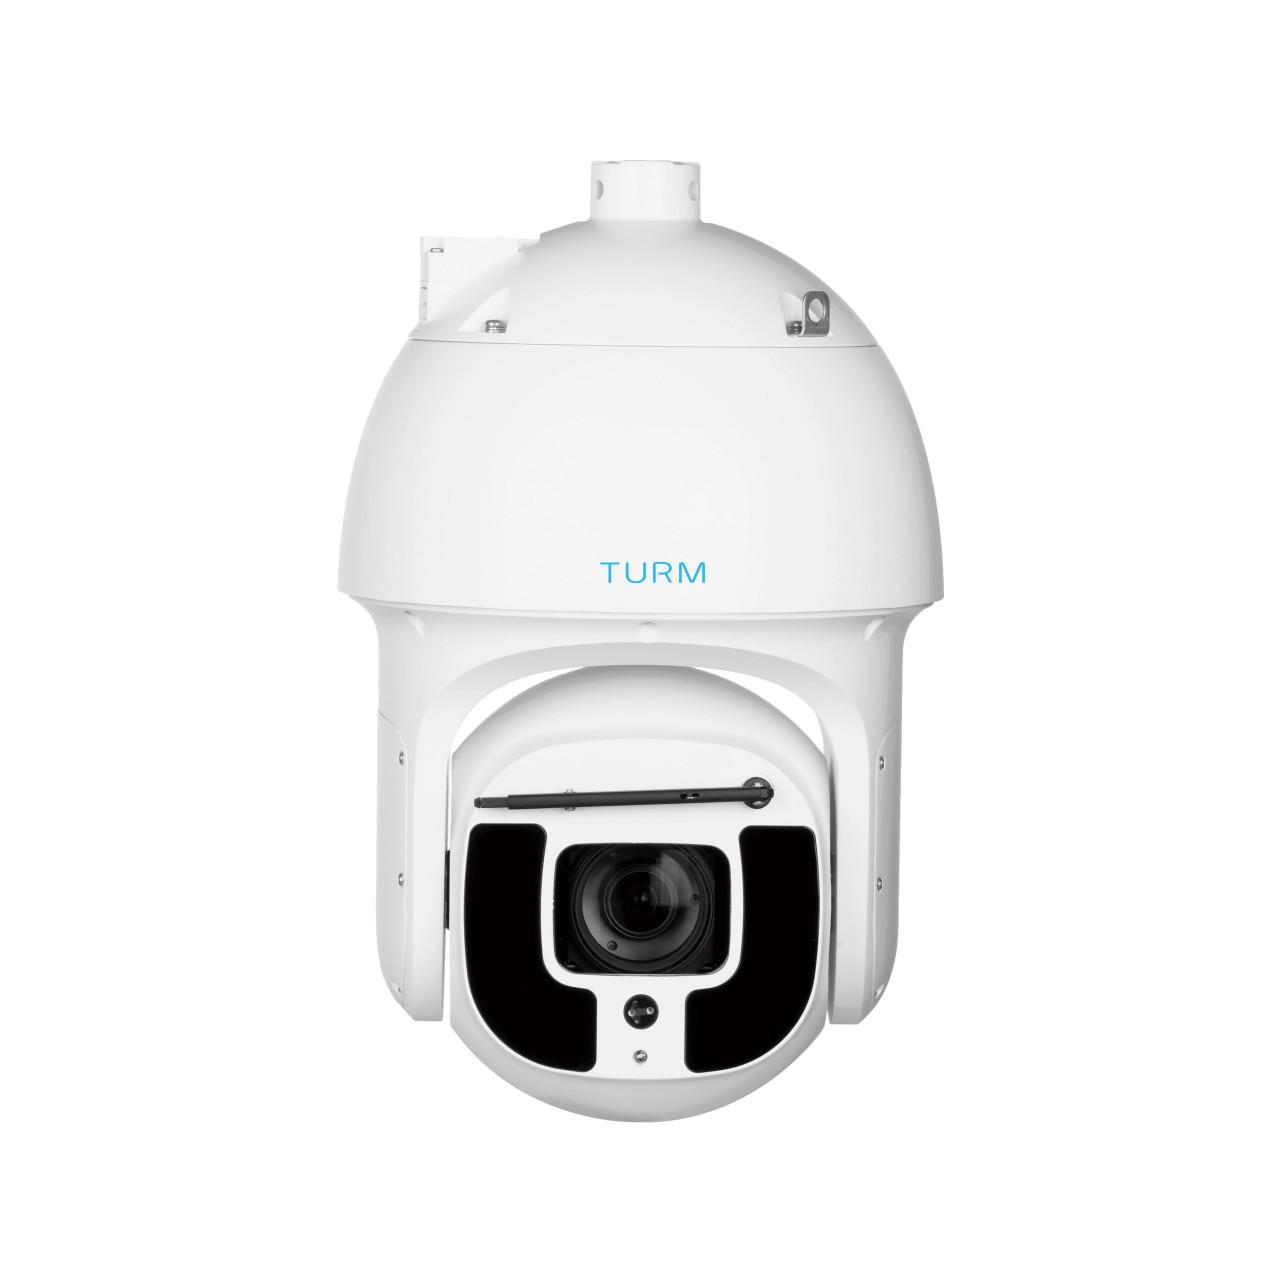 TURM IP Ultra 8 MP PTZ Kamera mit Auto Tracking, Smart Wiper, Intelligentem Videosystem, Starlight+,